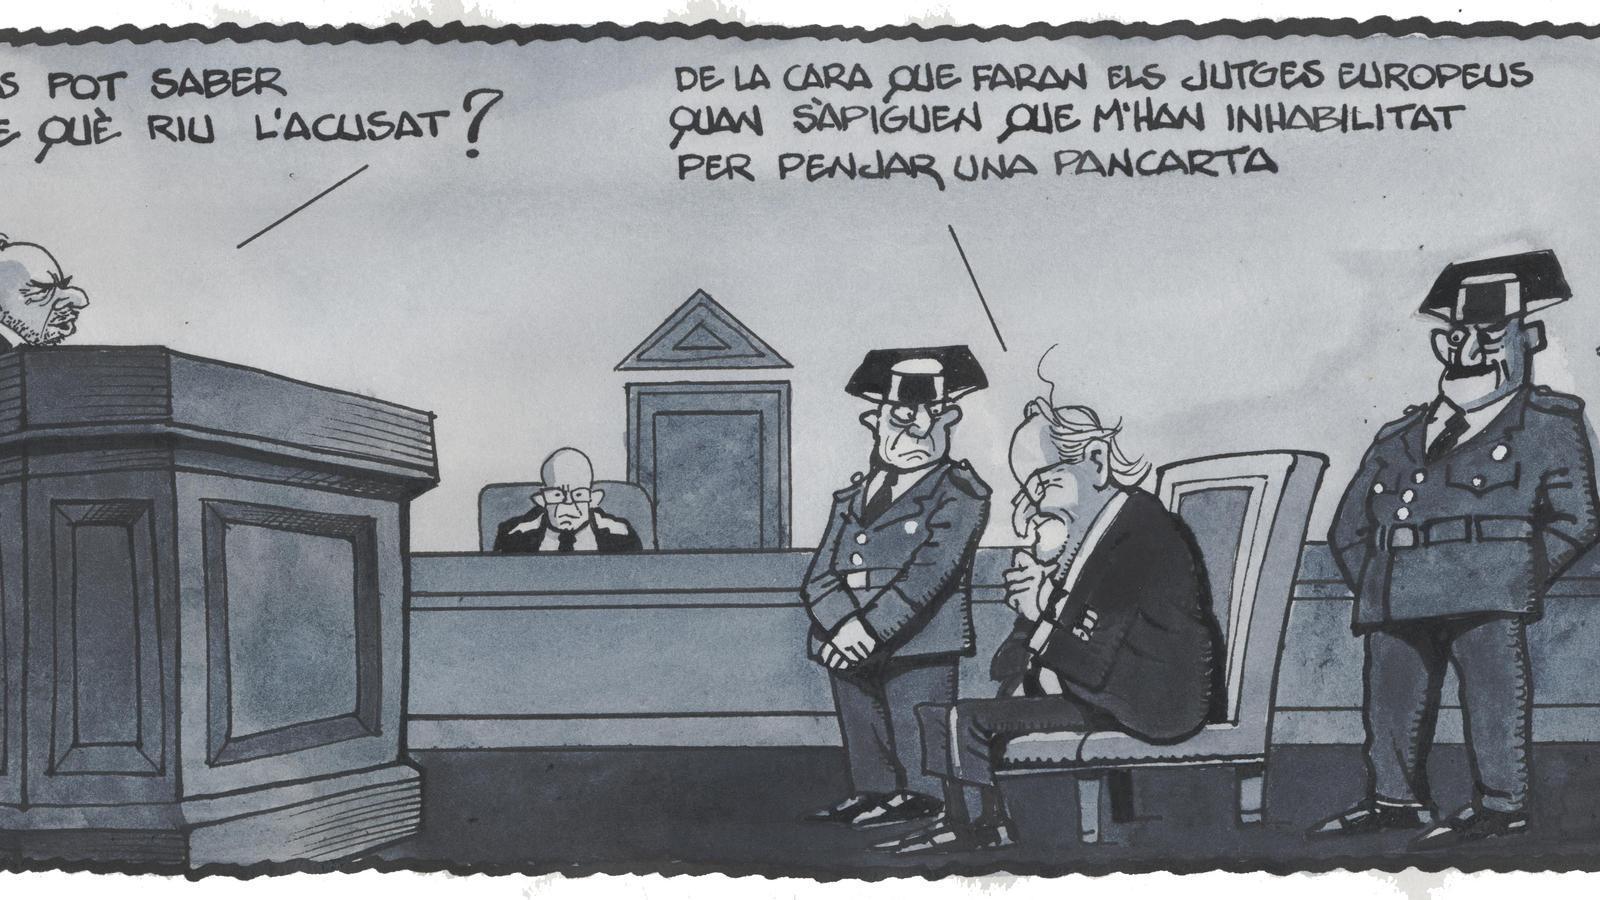 'A la contra', per Ferreres 18/09/2020